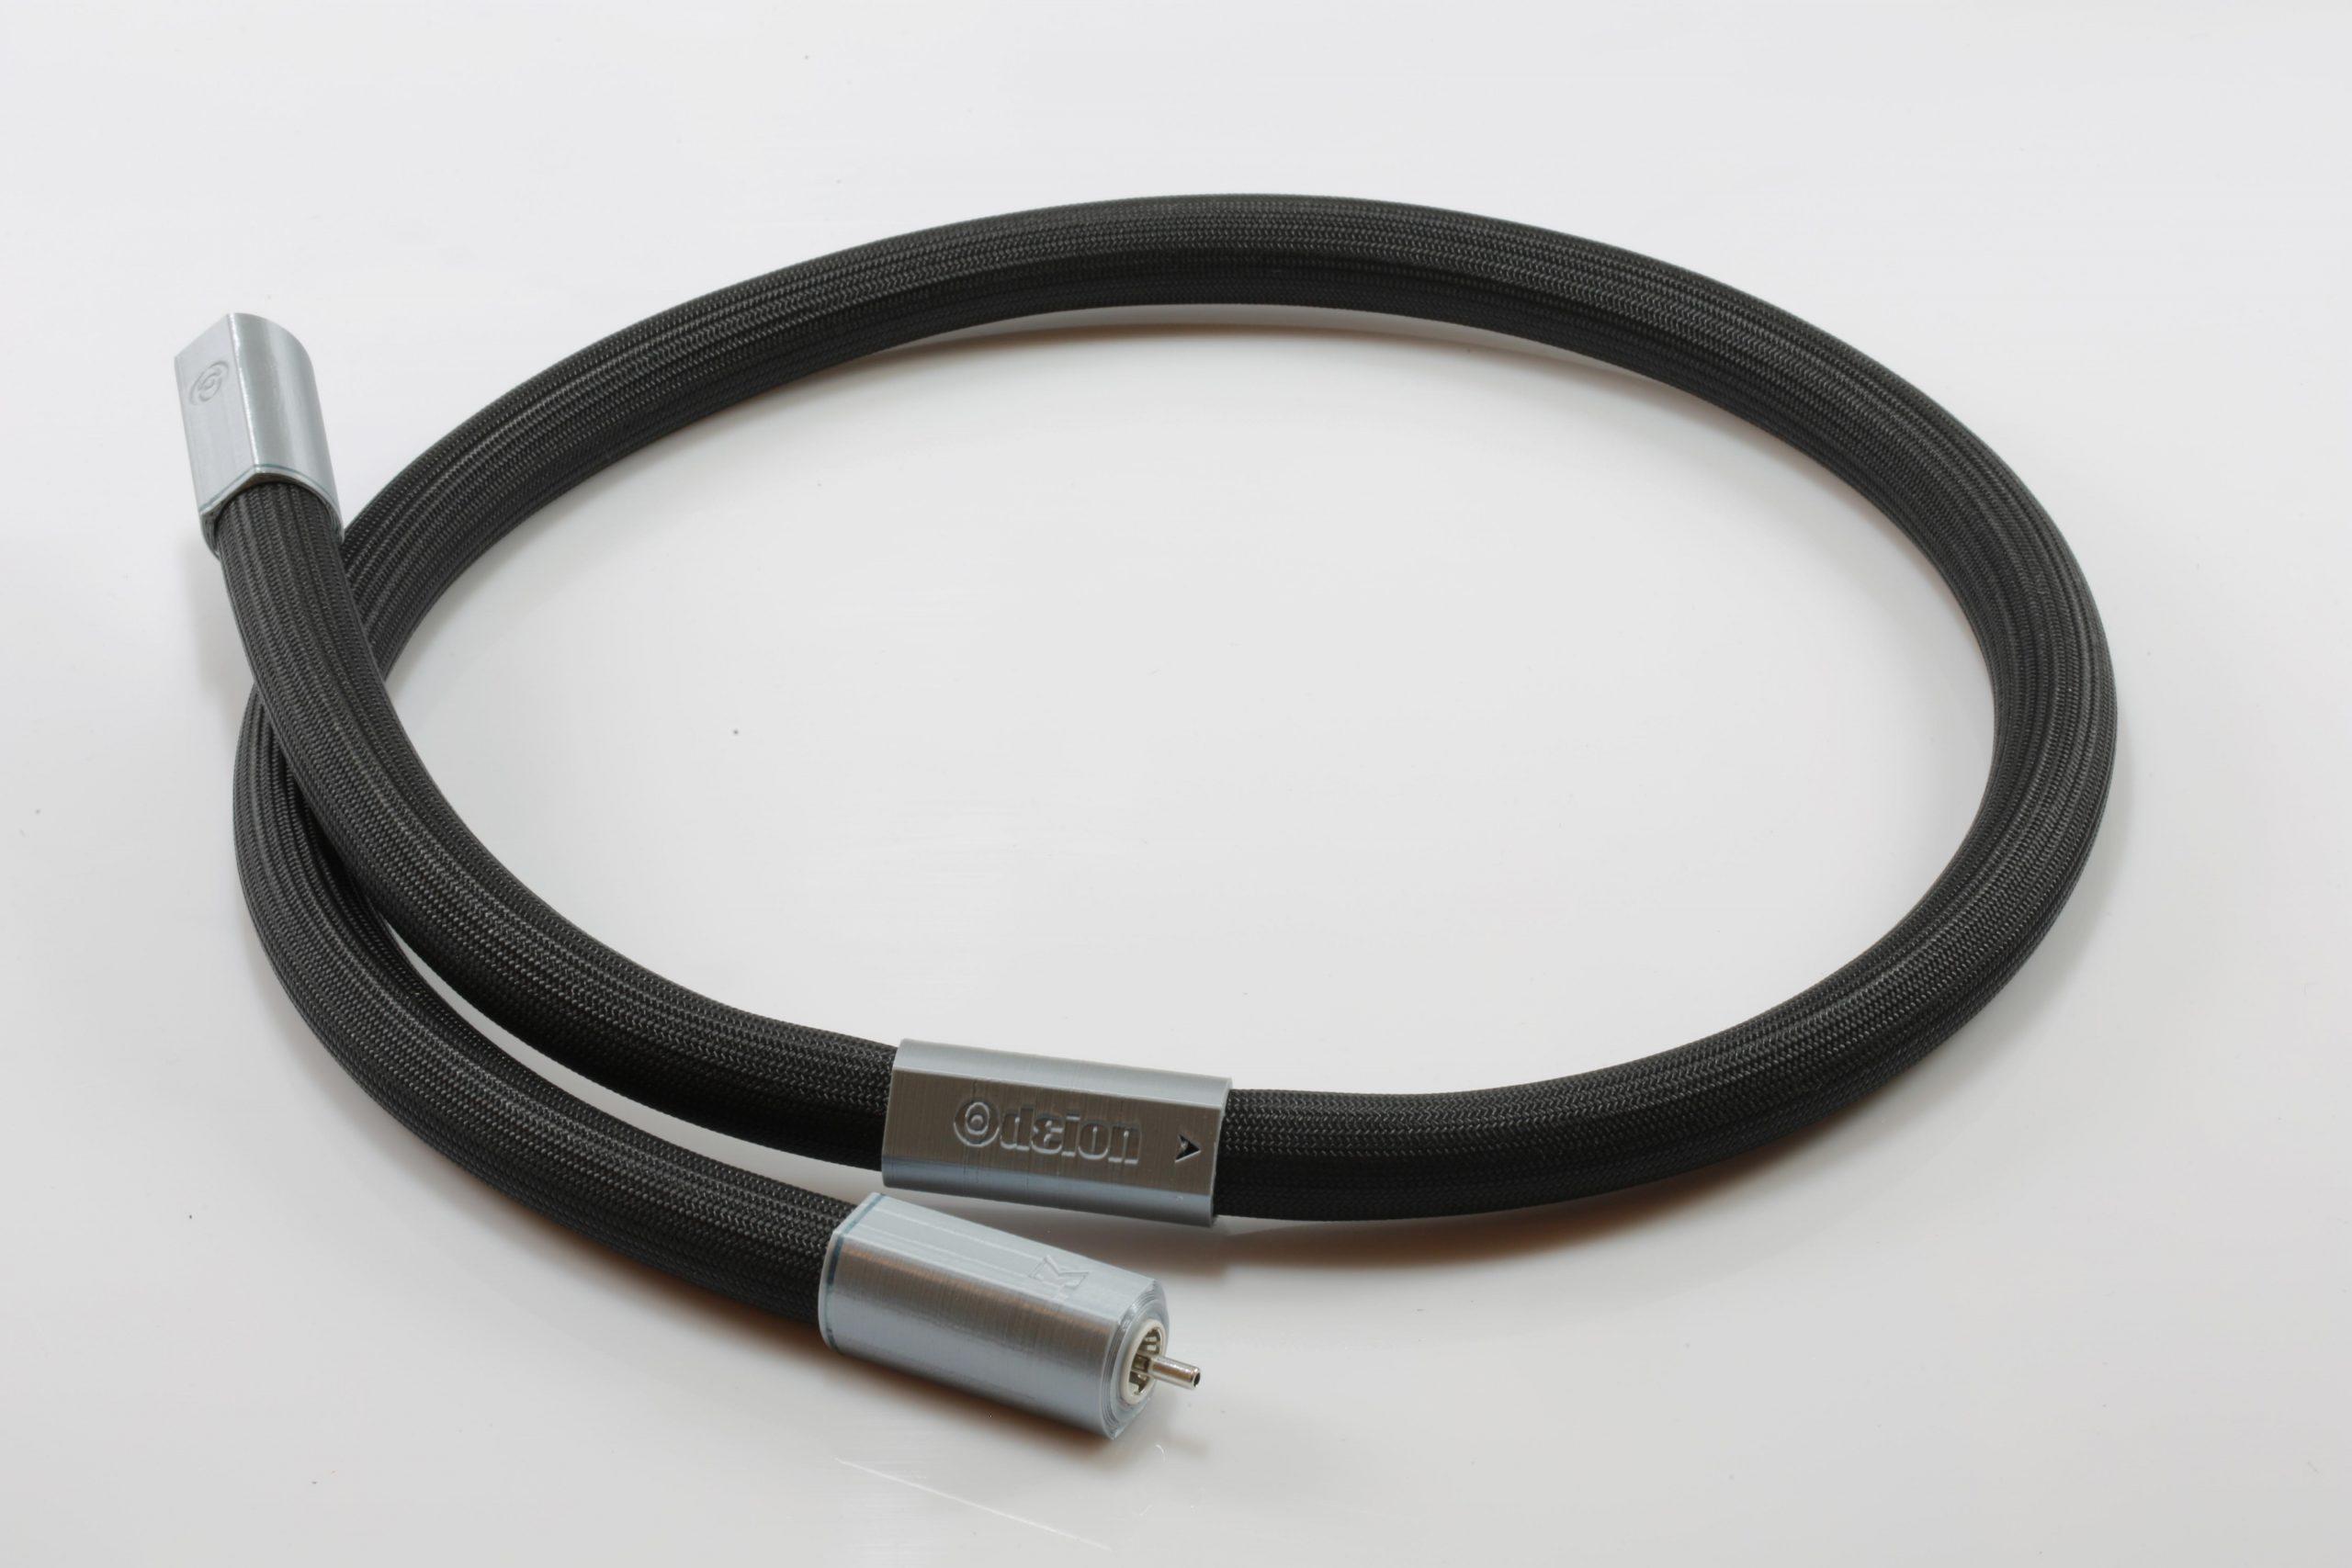 Sigma numérique SPDIF RCA digital Odeion Cables